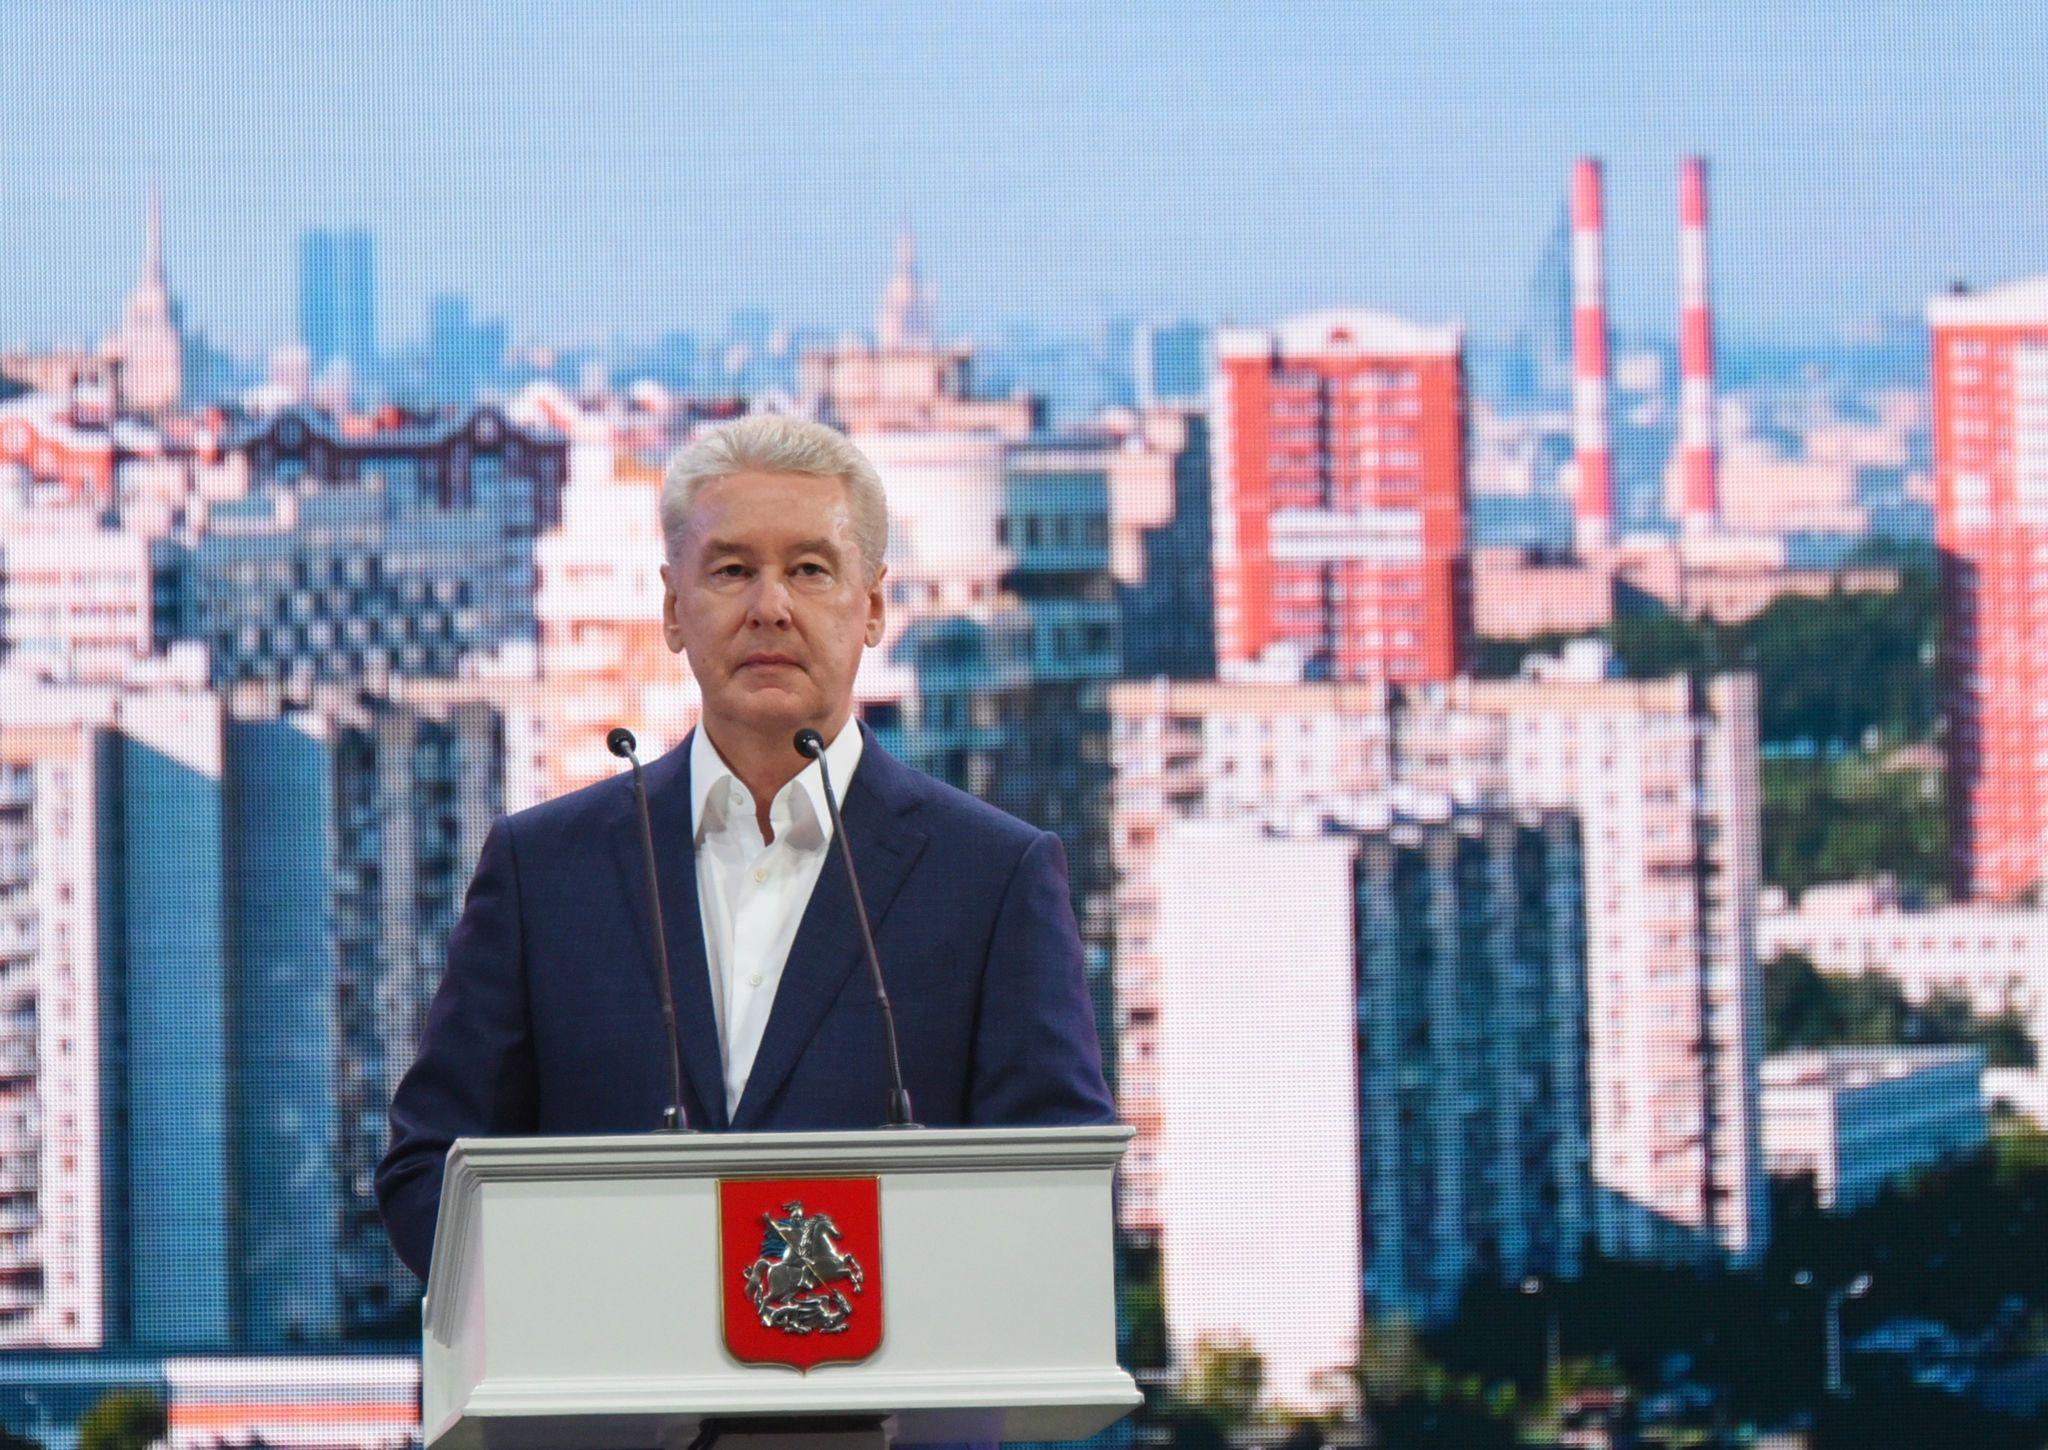 Сергей Собянин: В ближайшее время достроим ТПУ «Ховрино»